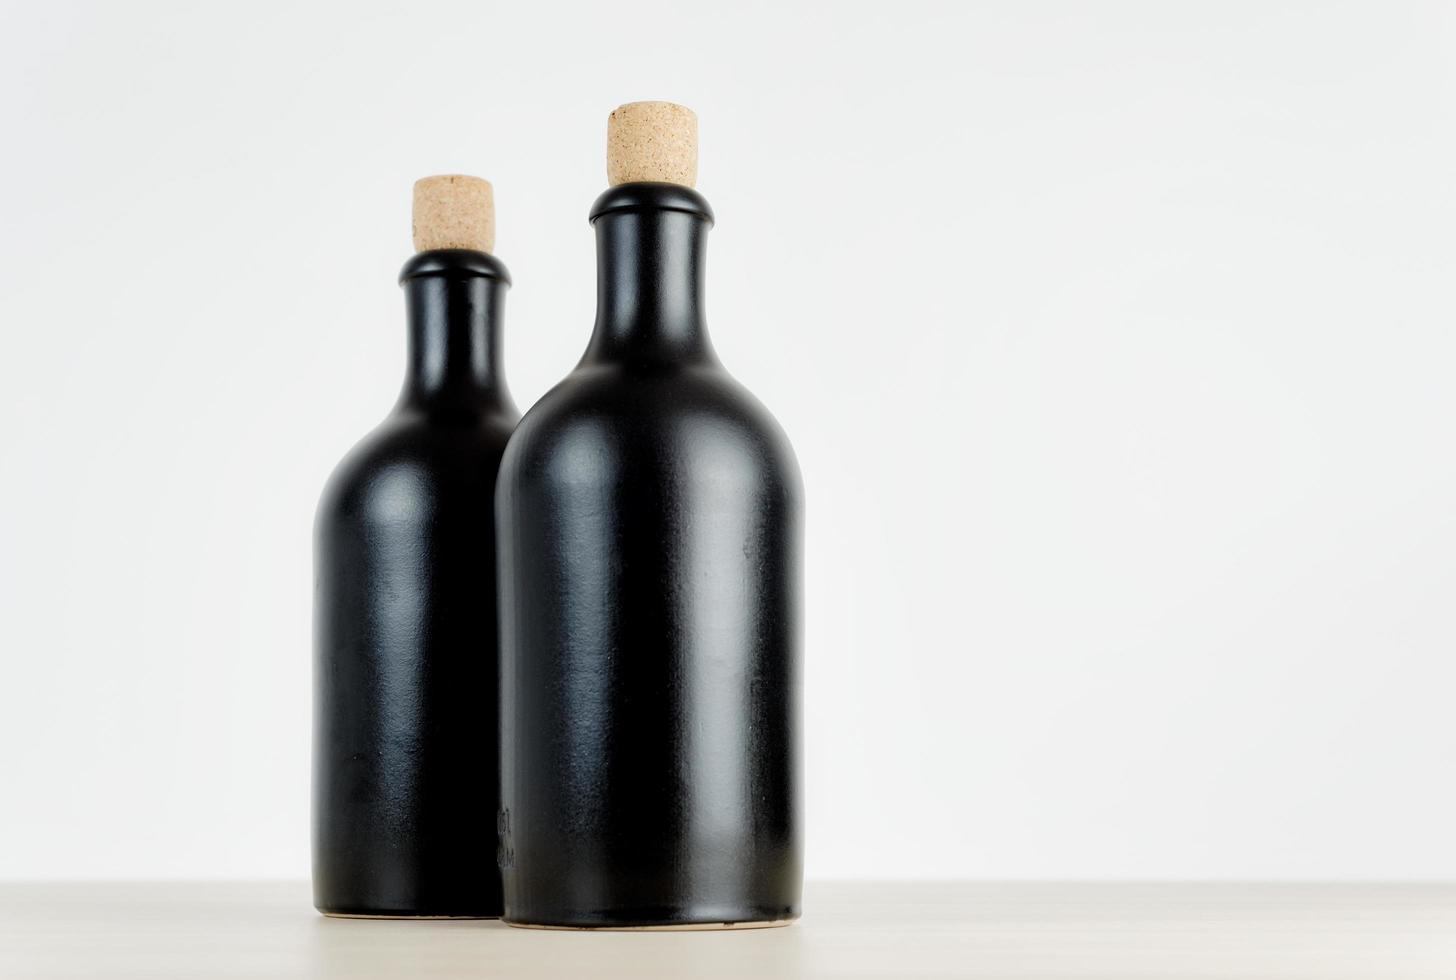 twee lege flessen op een tafel foto